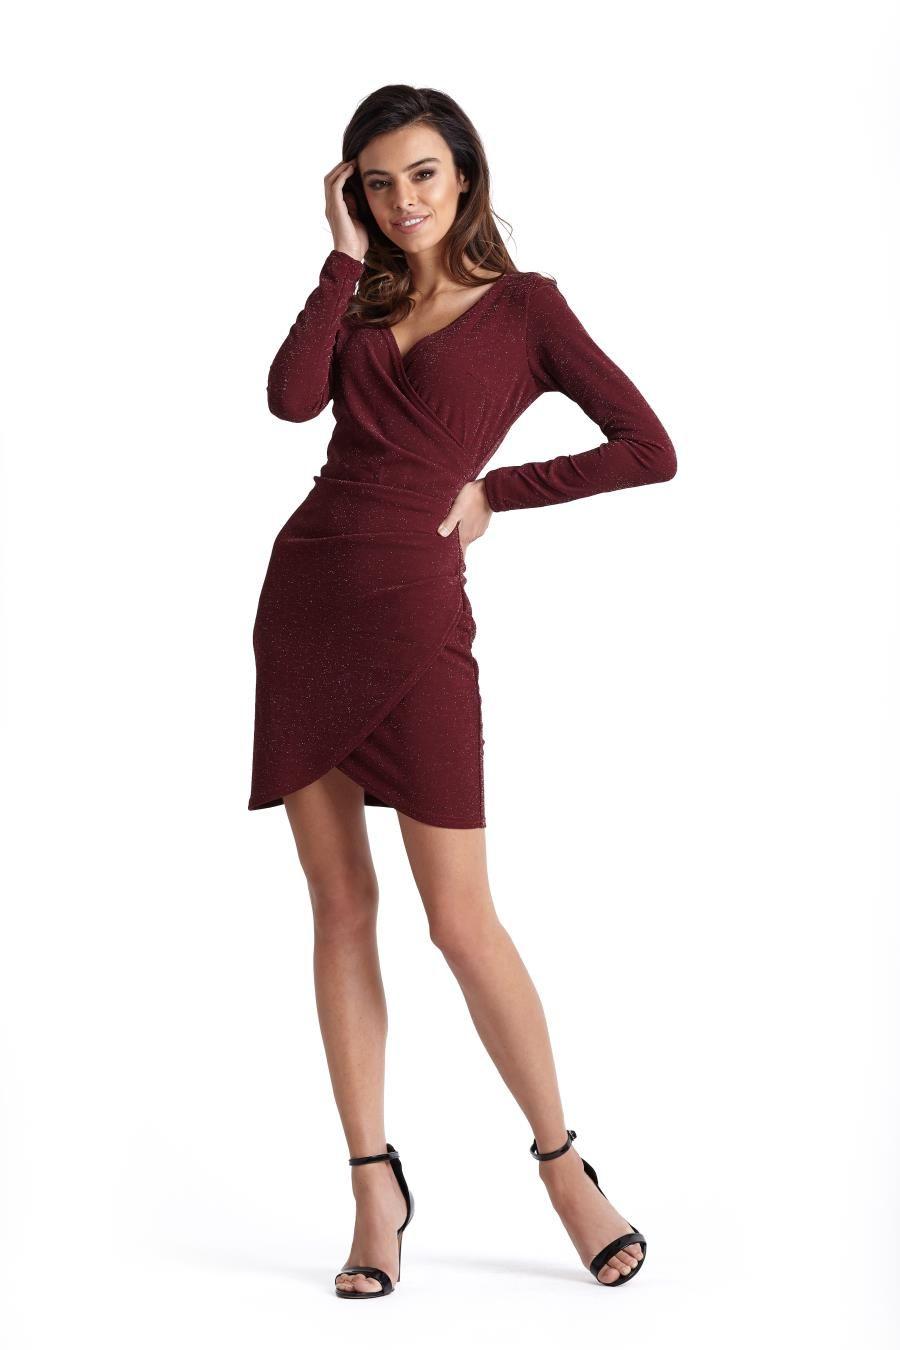 4b37025b8 Kopertowa Sukienka z Elastycznej Tkaniny Bordowa Błyszcząca 233 in ...